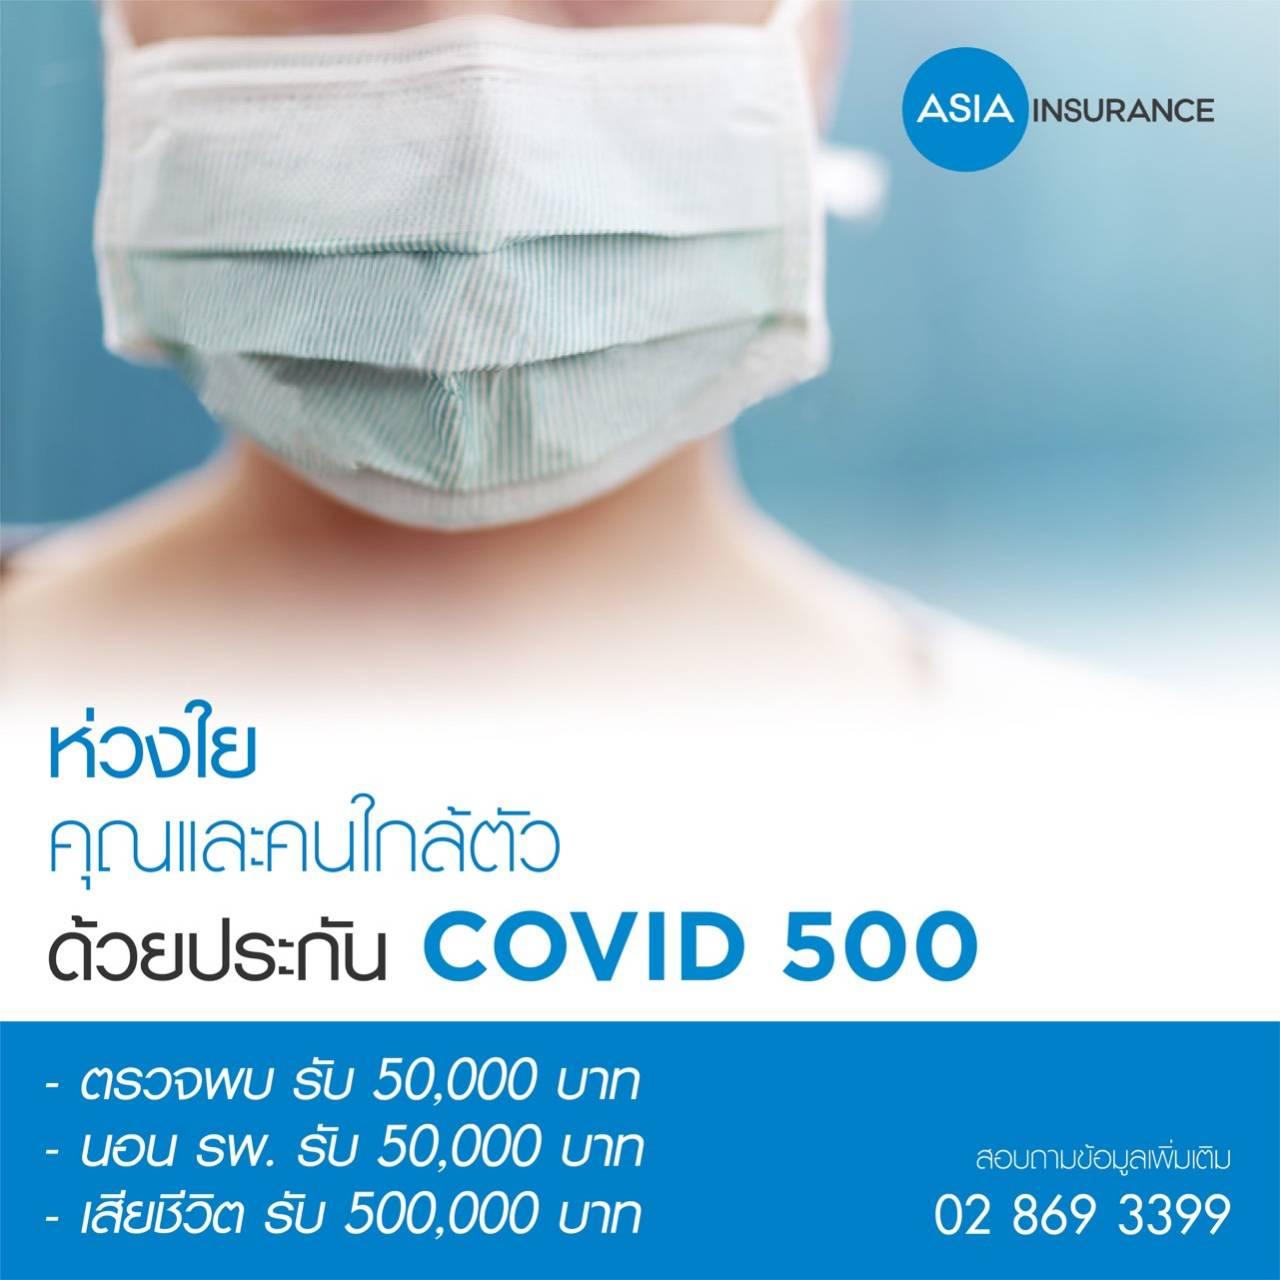 ประกัน COVID เอเชียประกันภัย มีขายแล้วที่ 724 insure